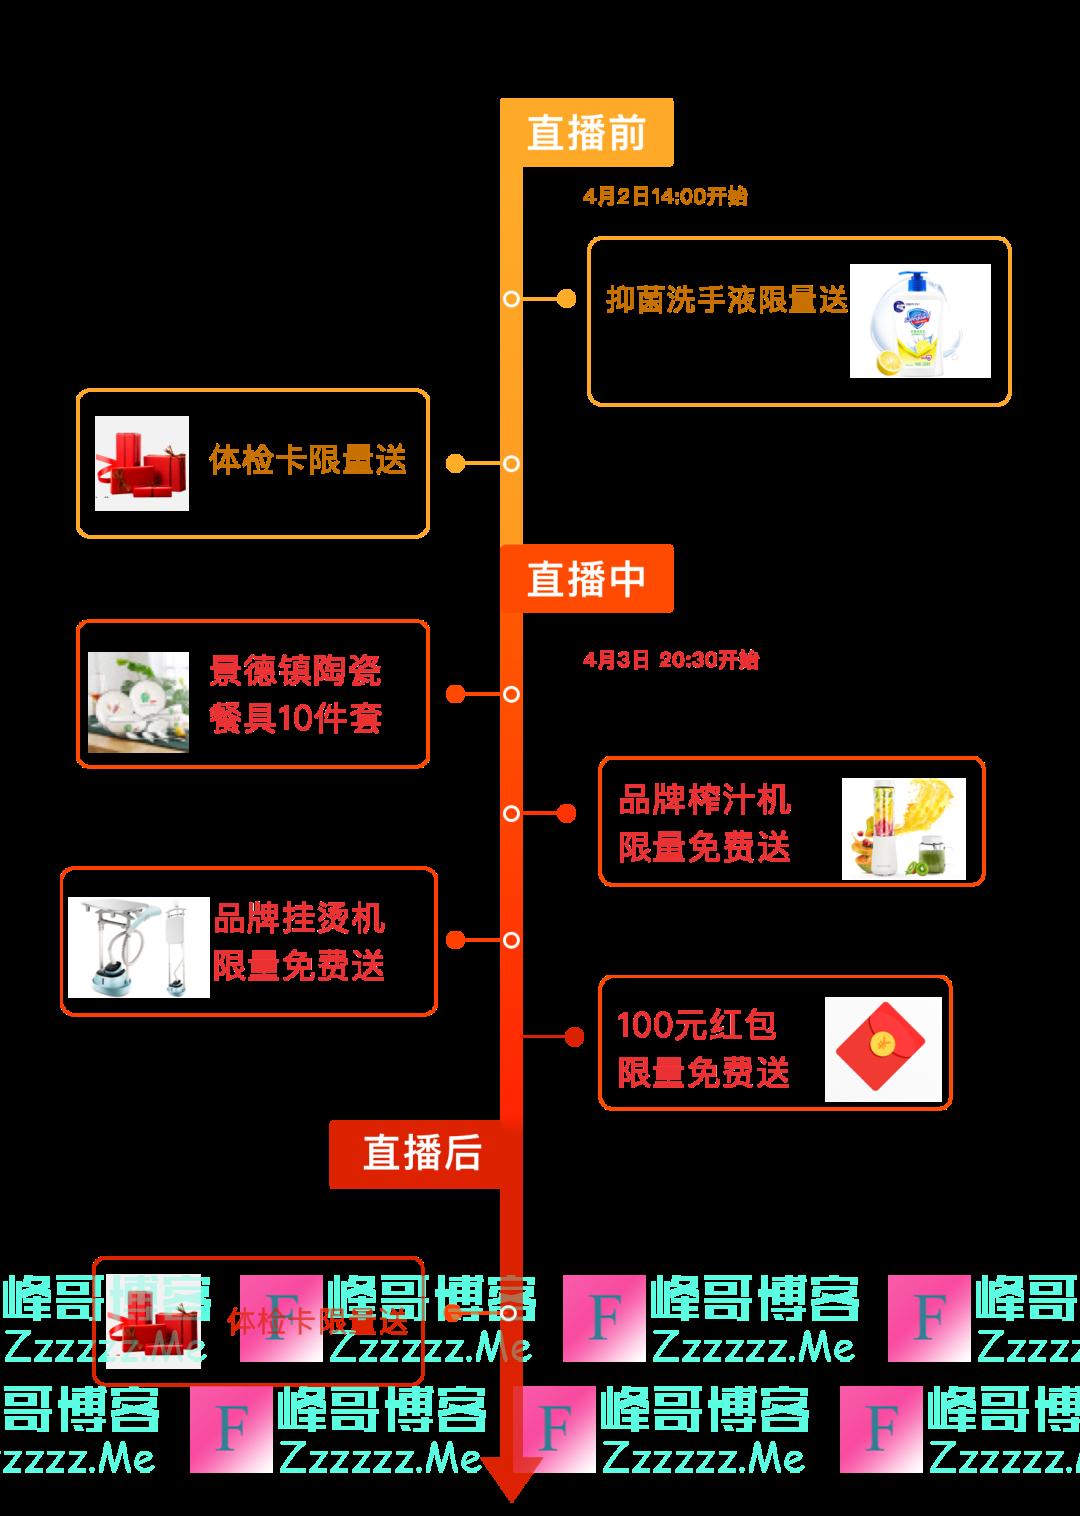 甜橙保险直播互动有礼(截止4月3日)